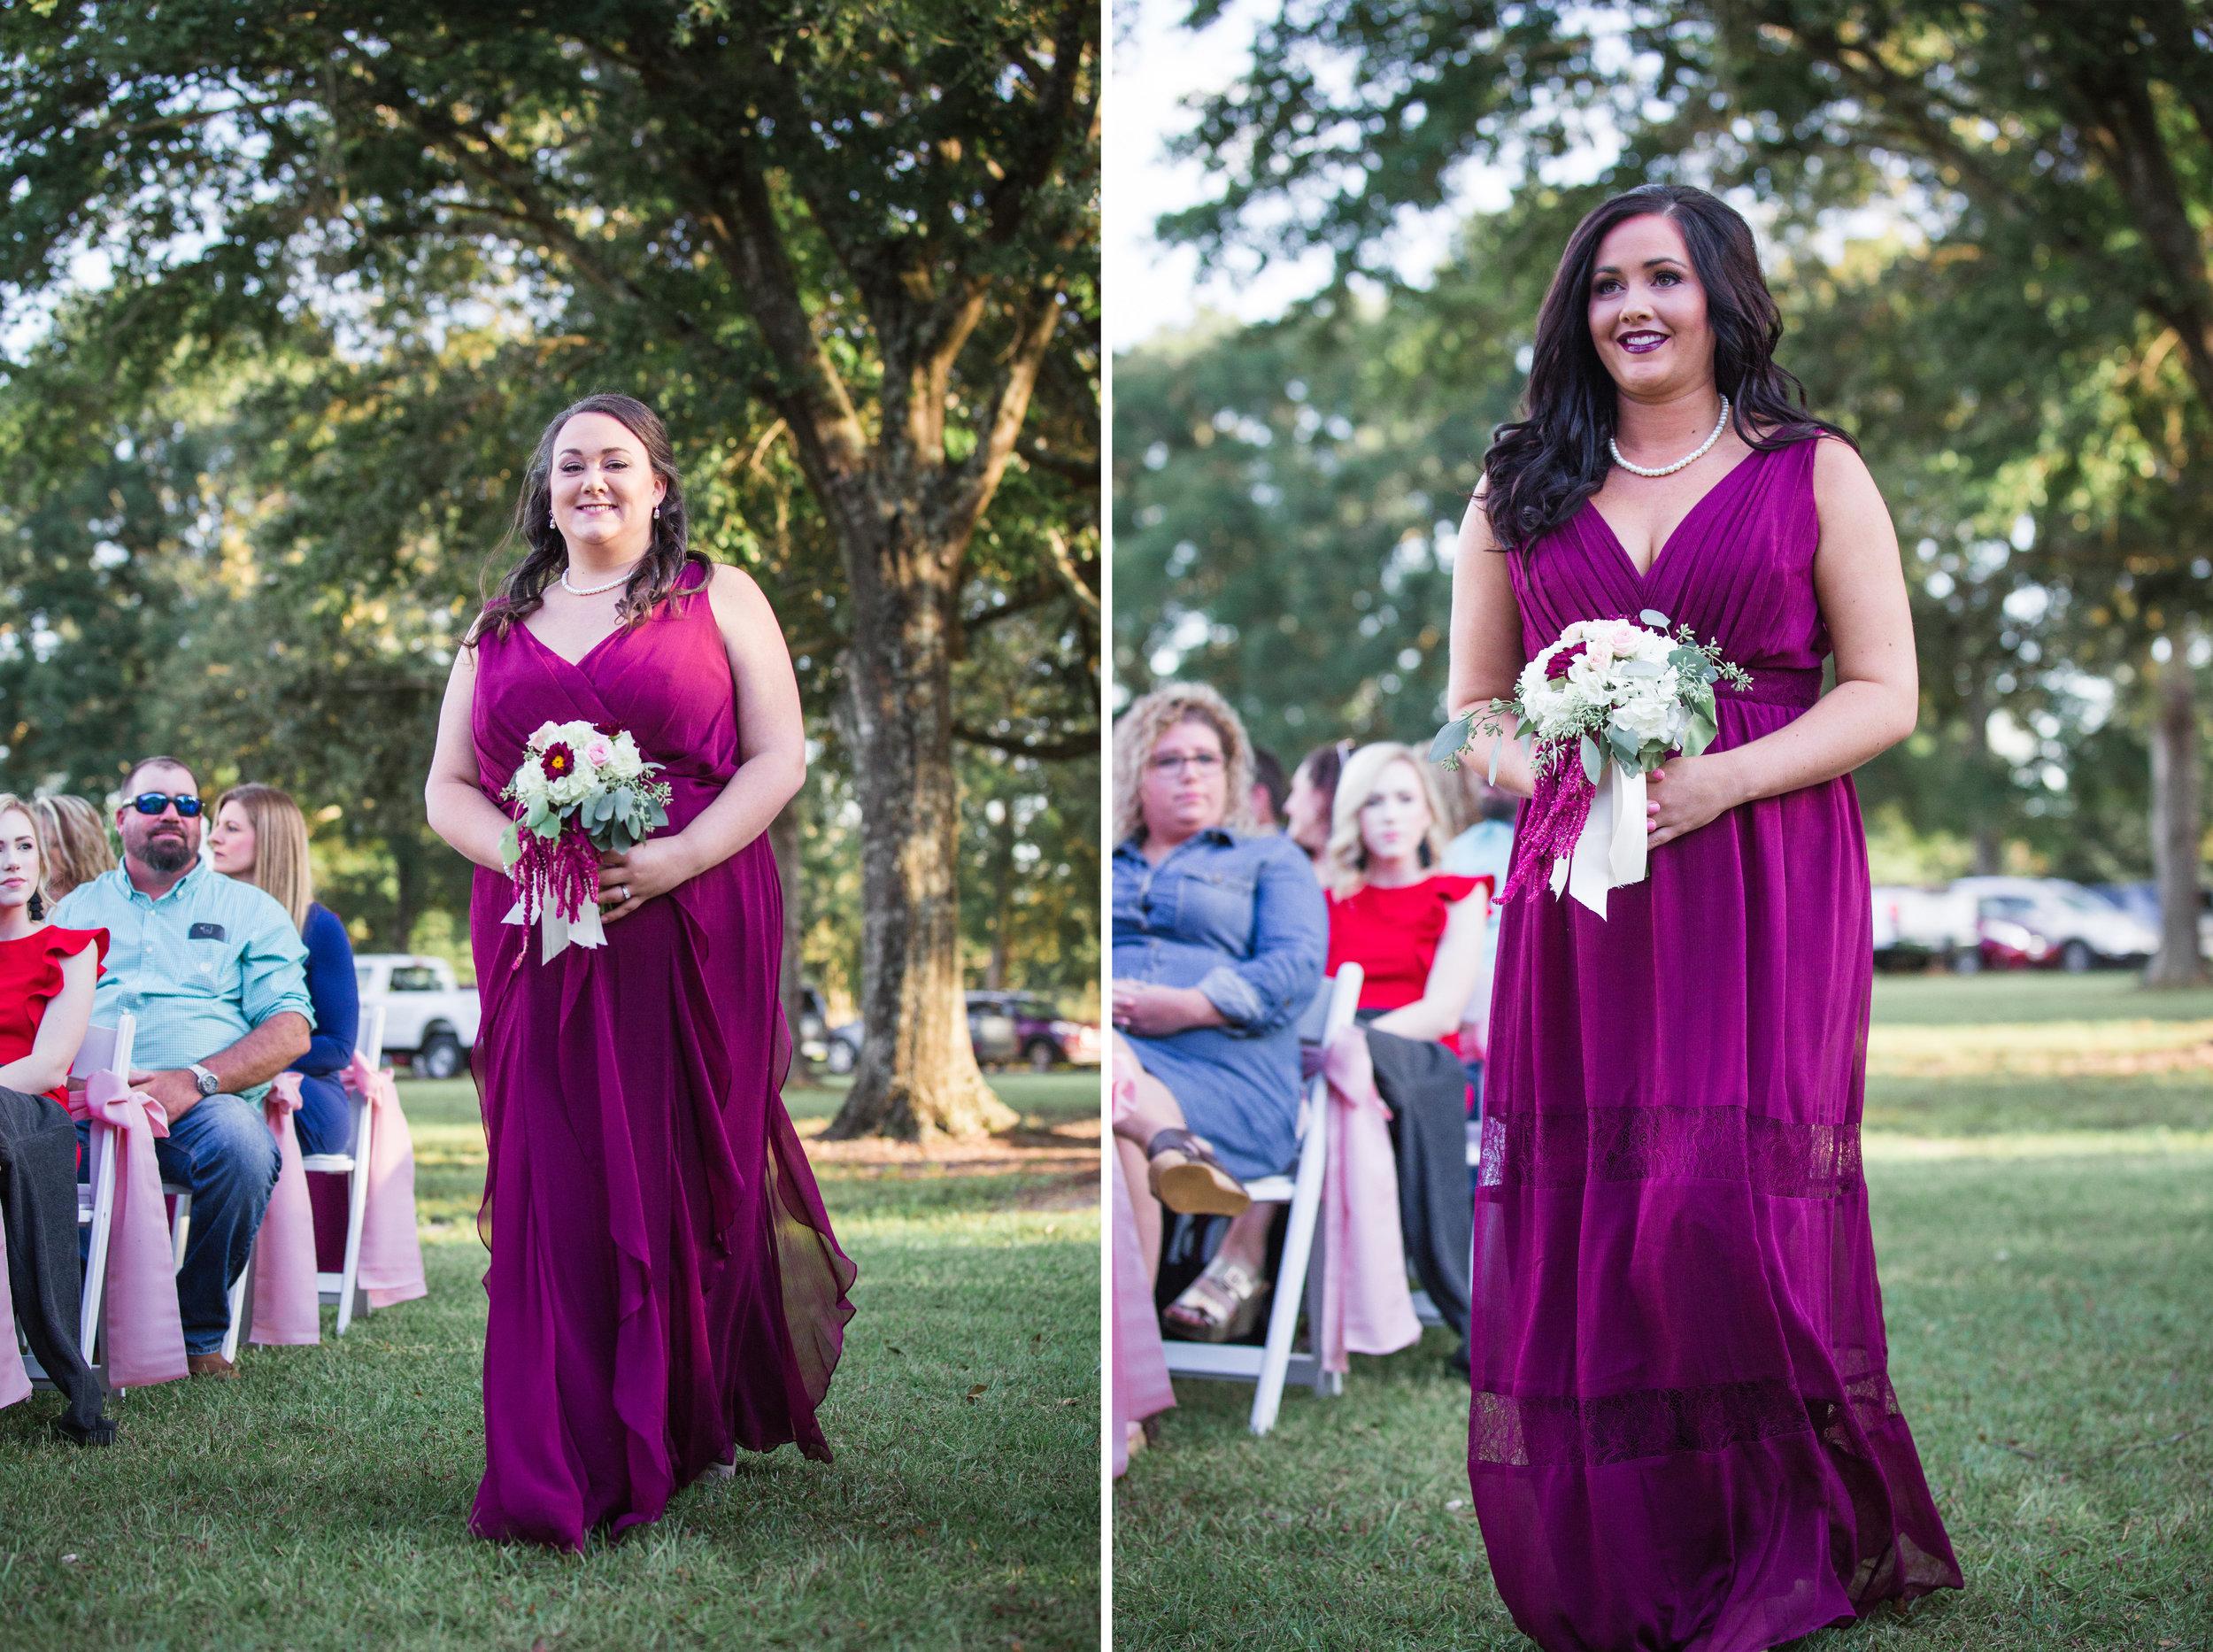 Barn-Wedding-Ates-Ranch-Wedding-Photo-Photography-Video-Videography-Pensacola-Florida-Courtney-Clint-25.jpg